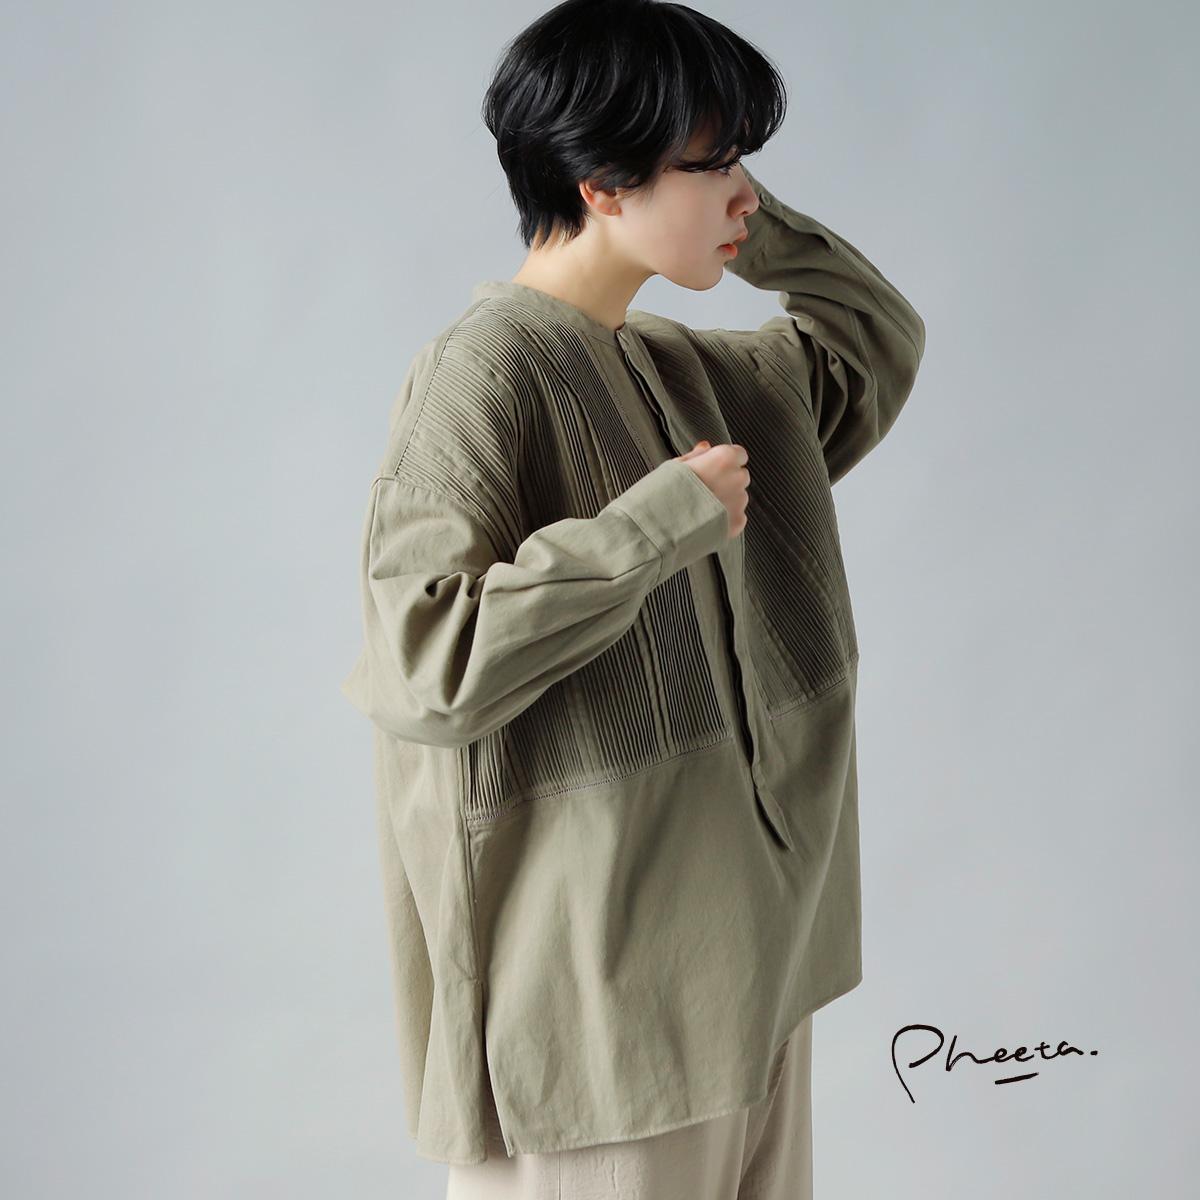 """Pheeta(フィータ)コットンバンドカラー切替シャツ""""Luisa"""" ph20cl-08"""